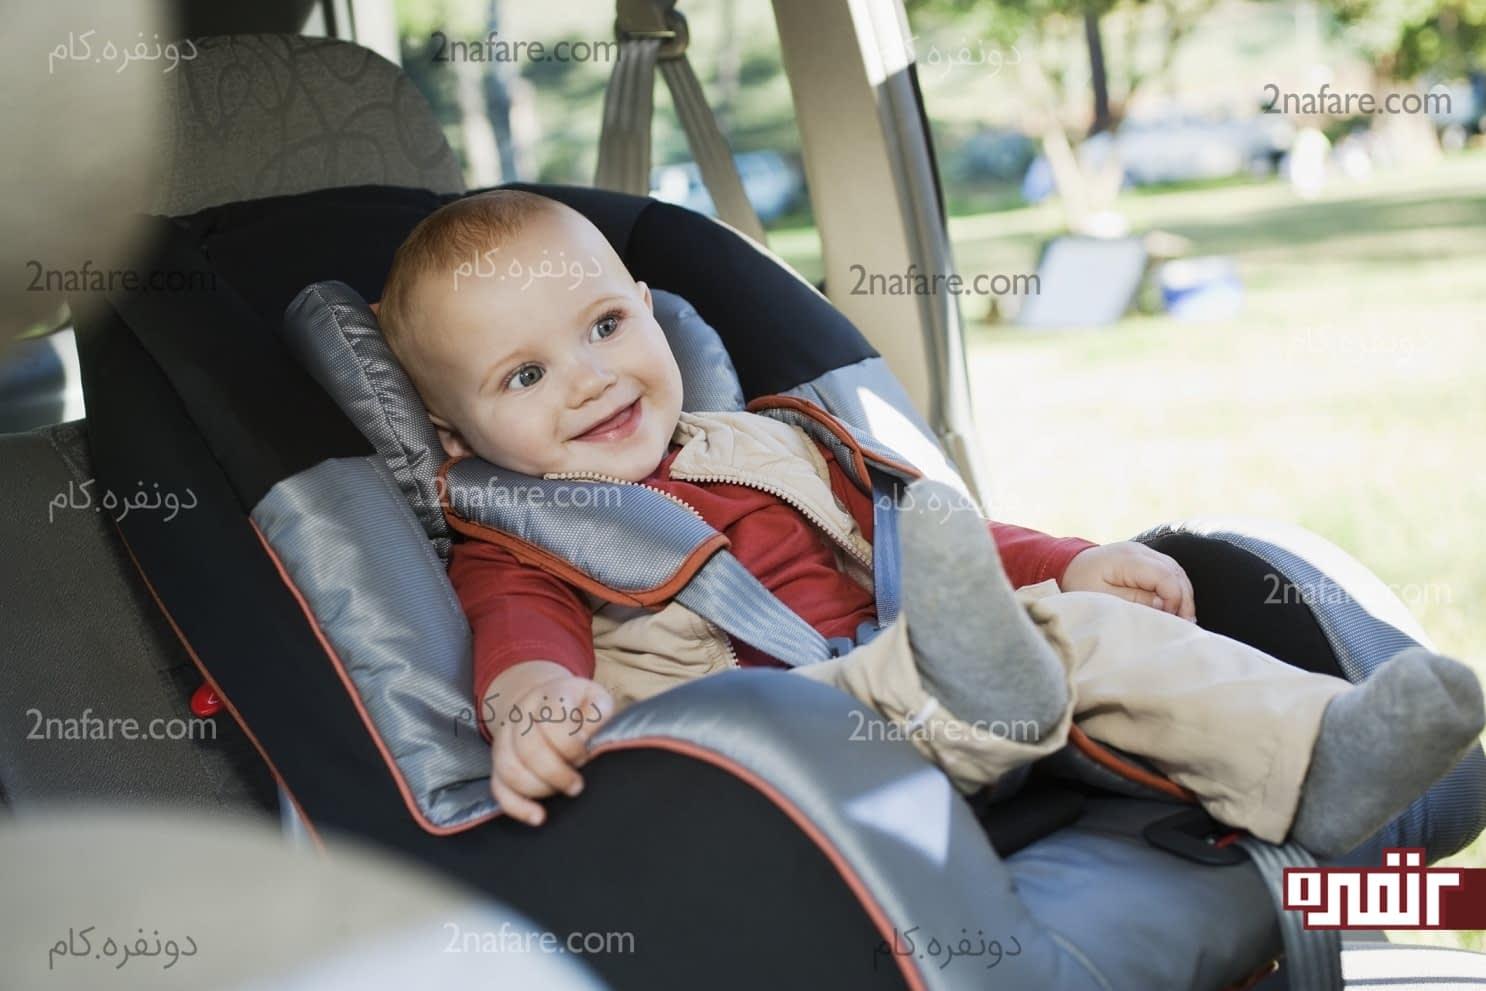 صندلی کودک برای اتومبیل